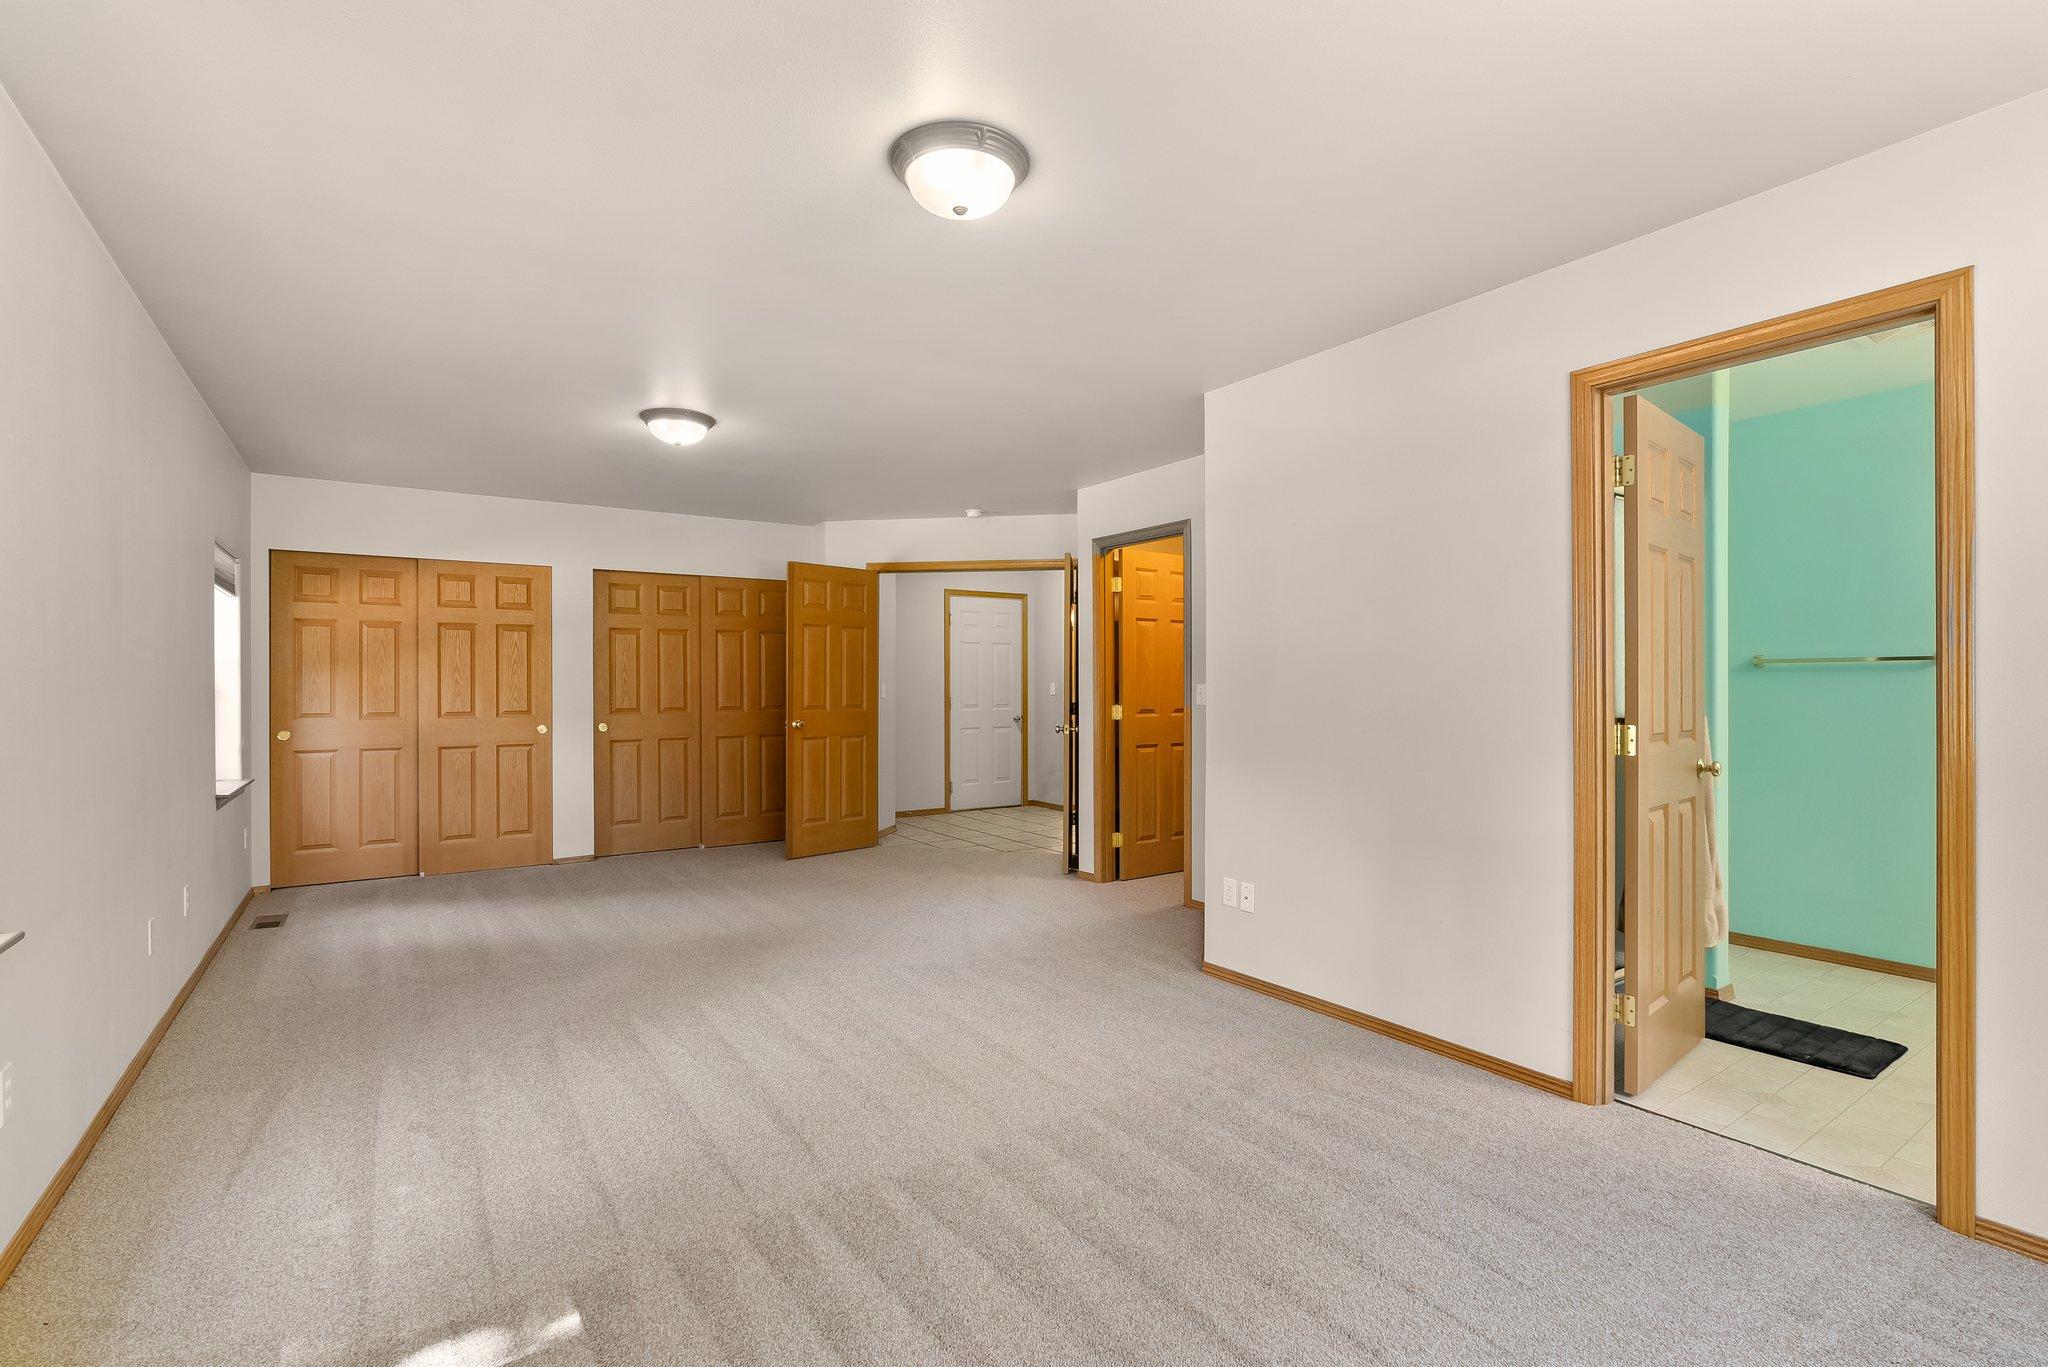 7900 Woods Estate Ln NE, Olympia, WA 98506, USA Photo 18